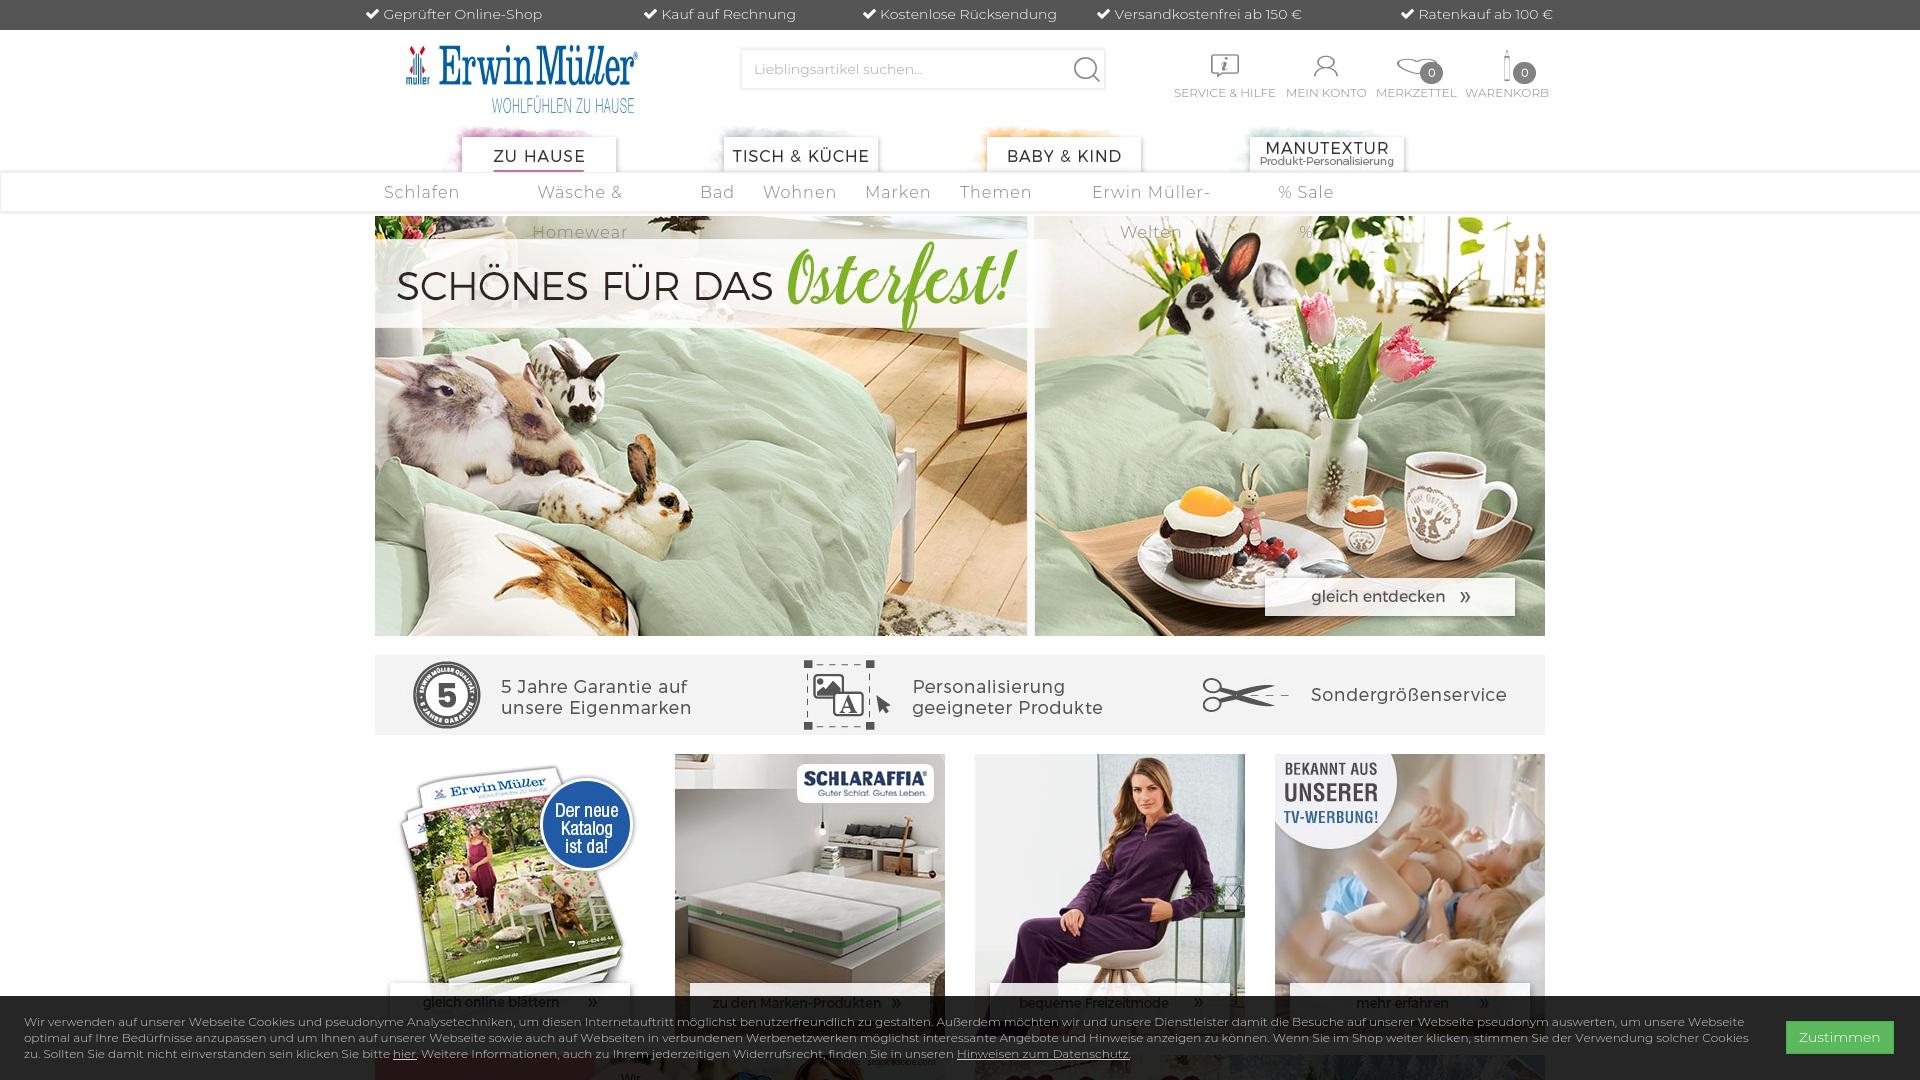 Gutschein für Erwinmueller: Rabatte für  Erwinmueller sichern